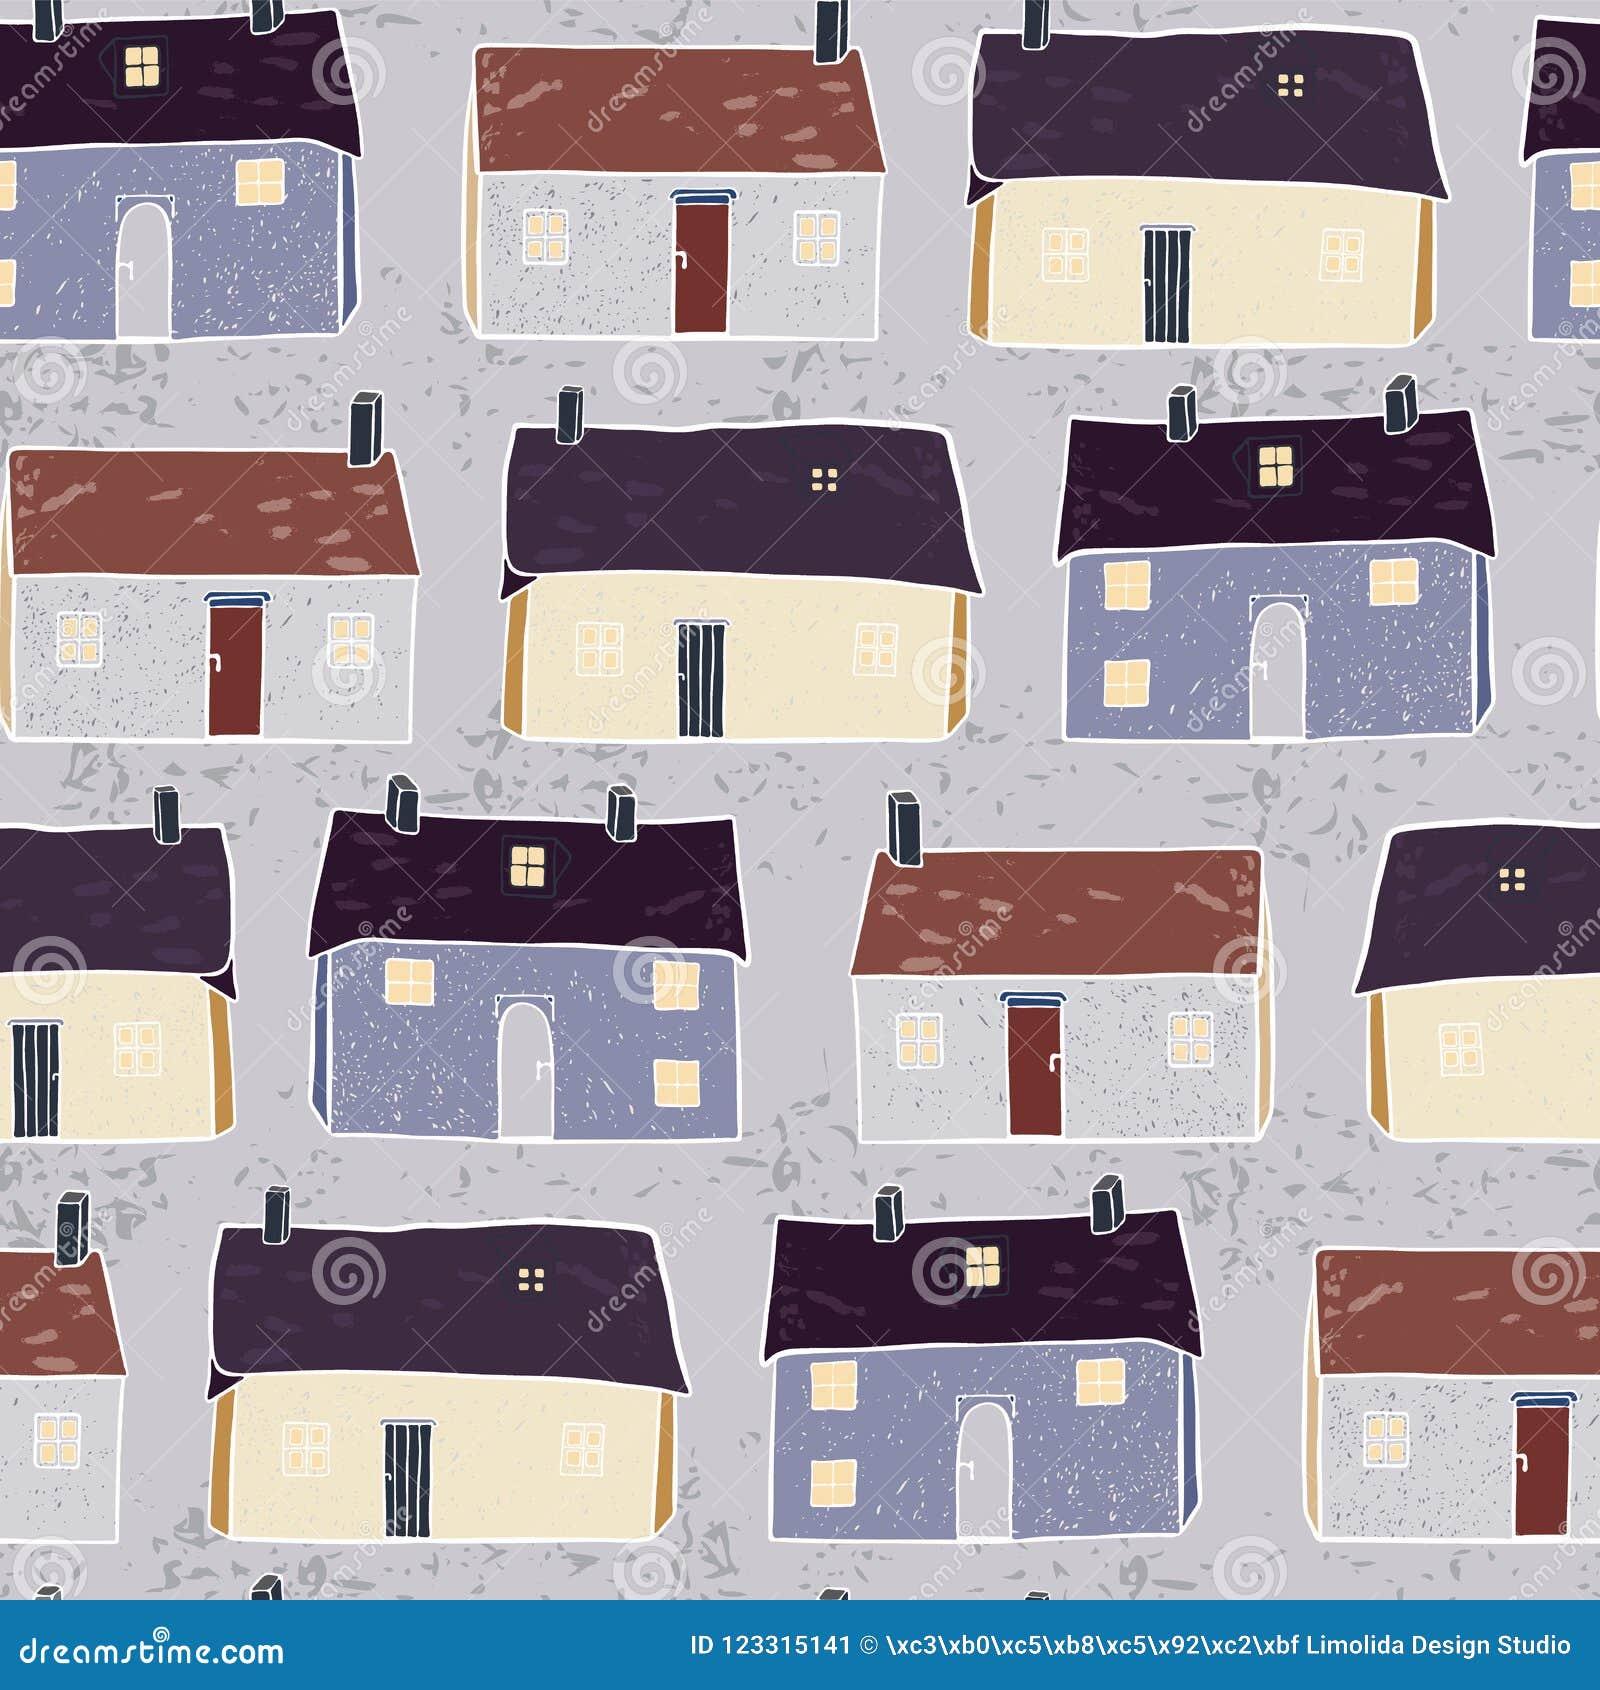 Répétition Grey Brown de modèle de Noël de village de Chambres